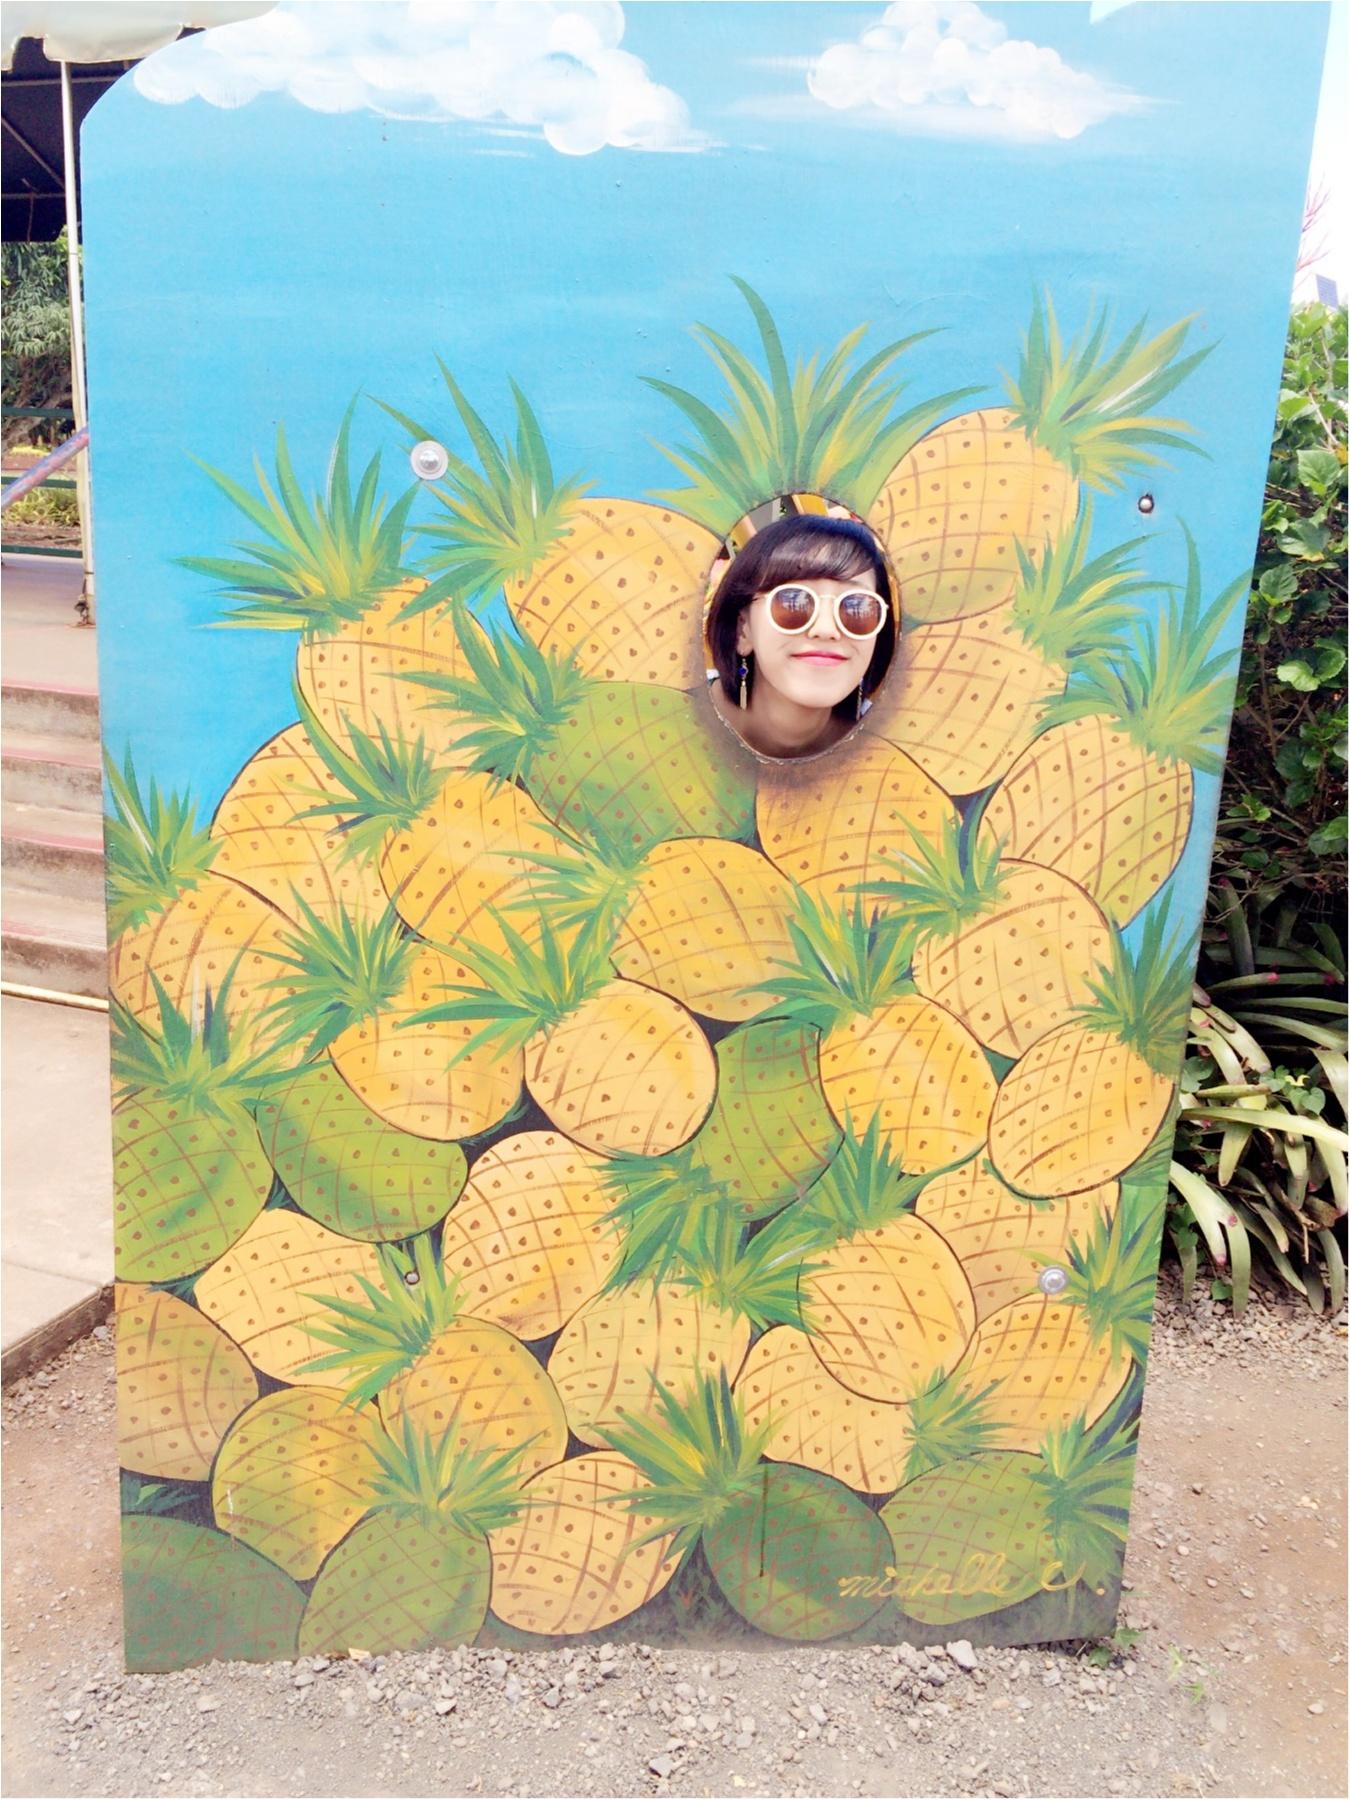 ハワイ女子旅特集 - 人気のカフェやグルメ、インスタ映えスポット、ディズニーなど旅する女子のおすすめまとめ_128